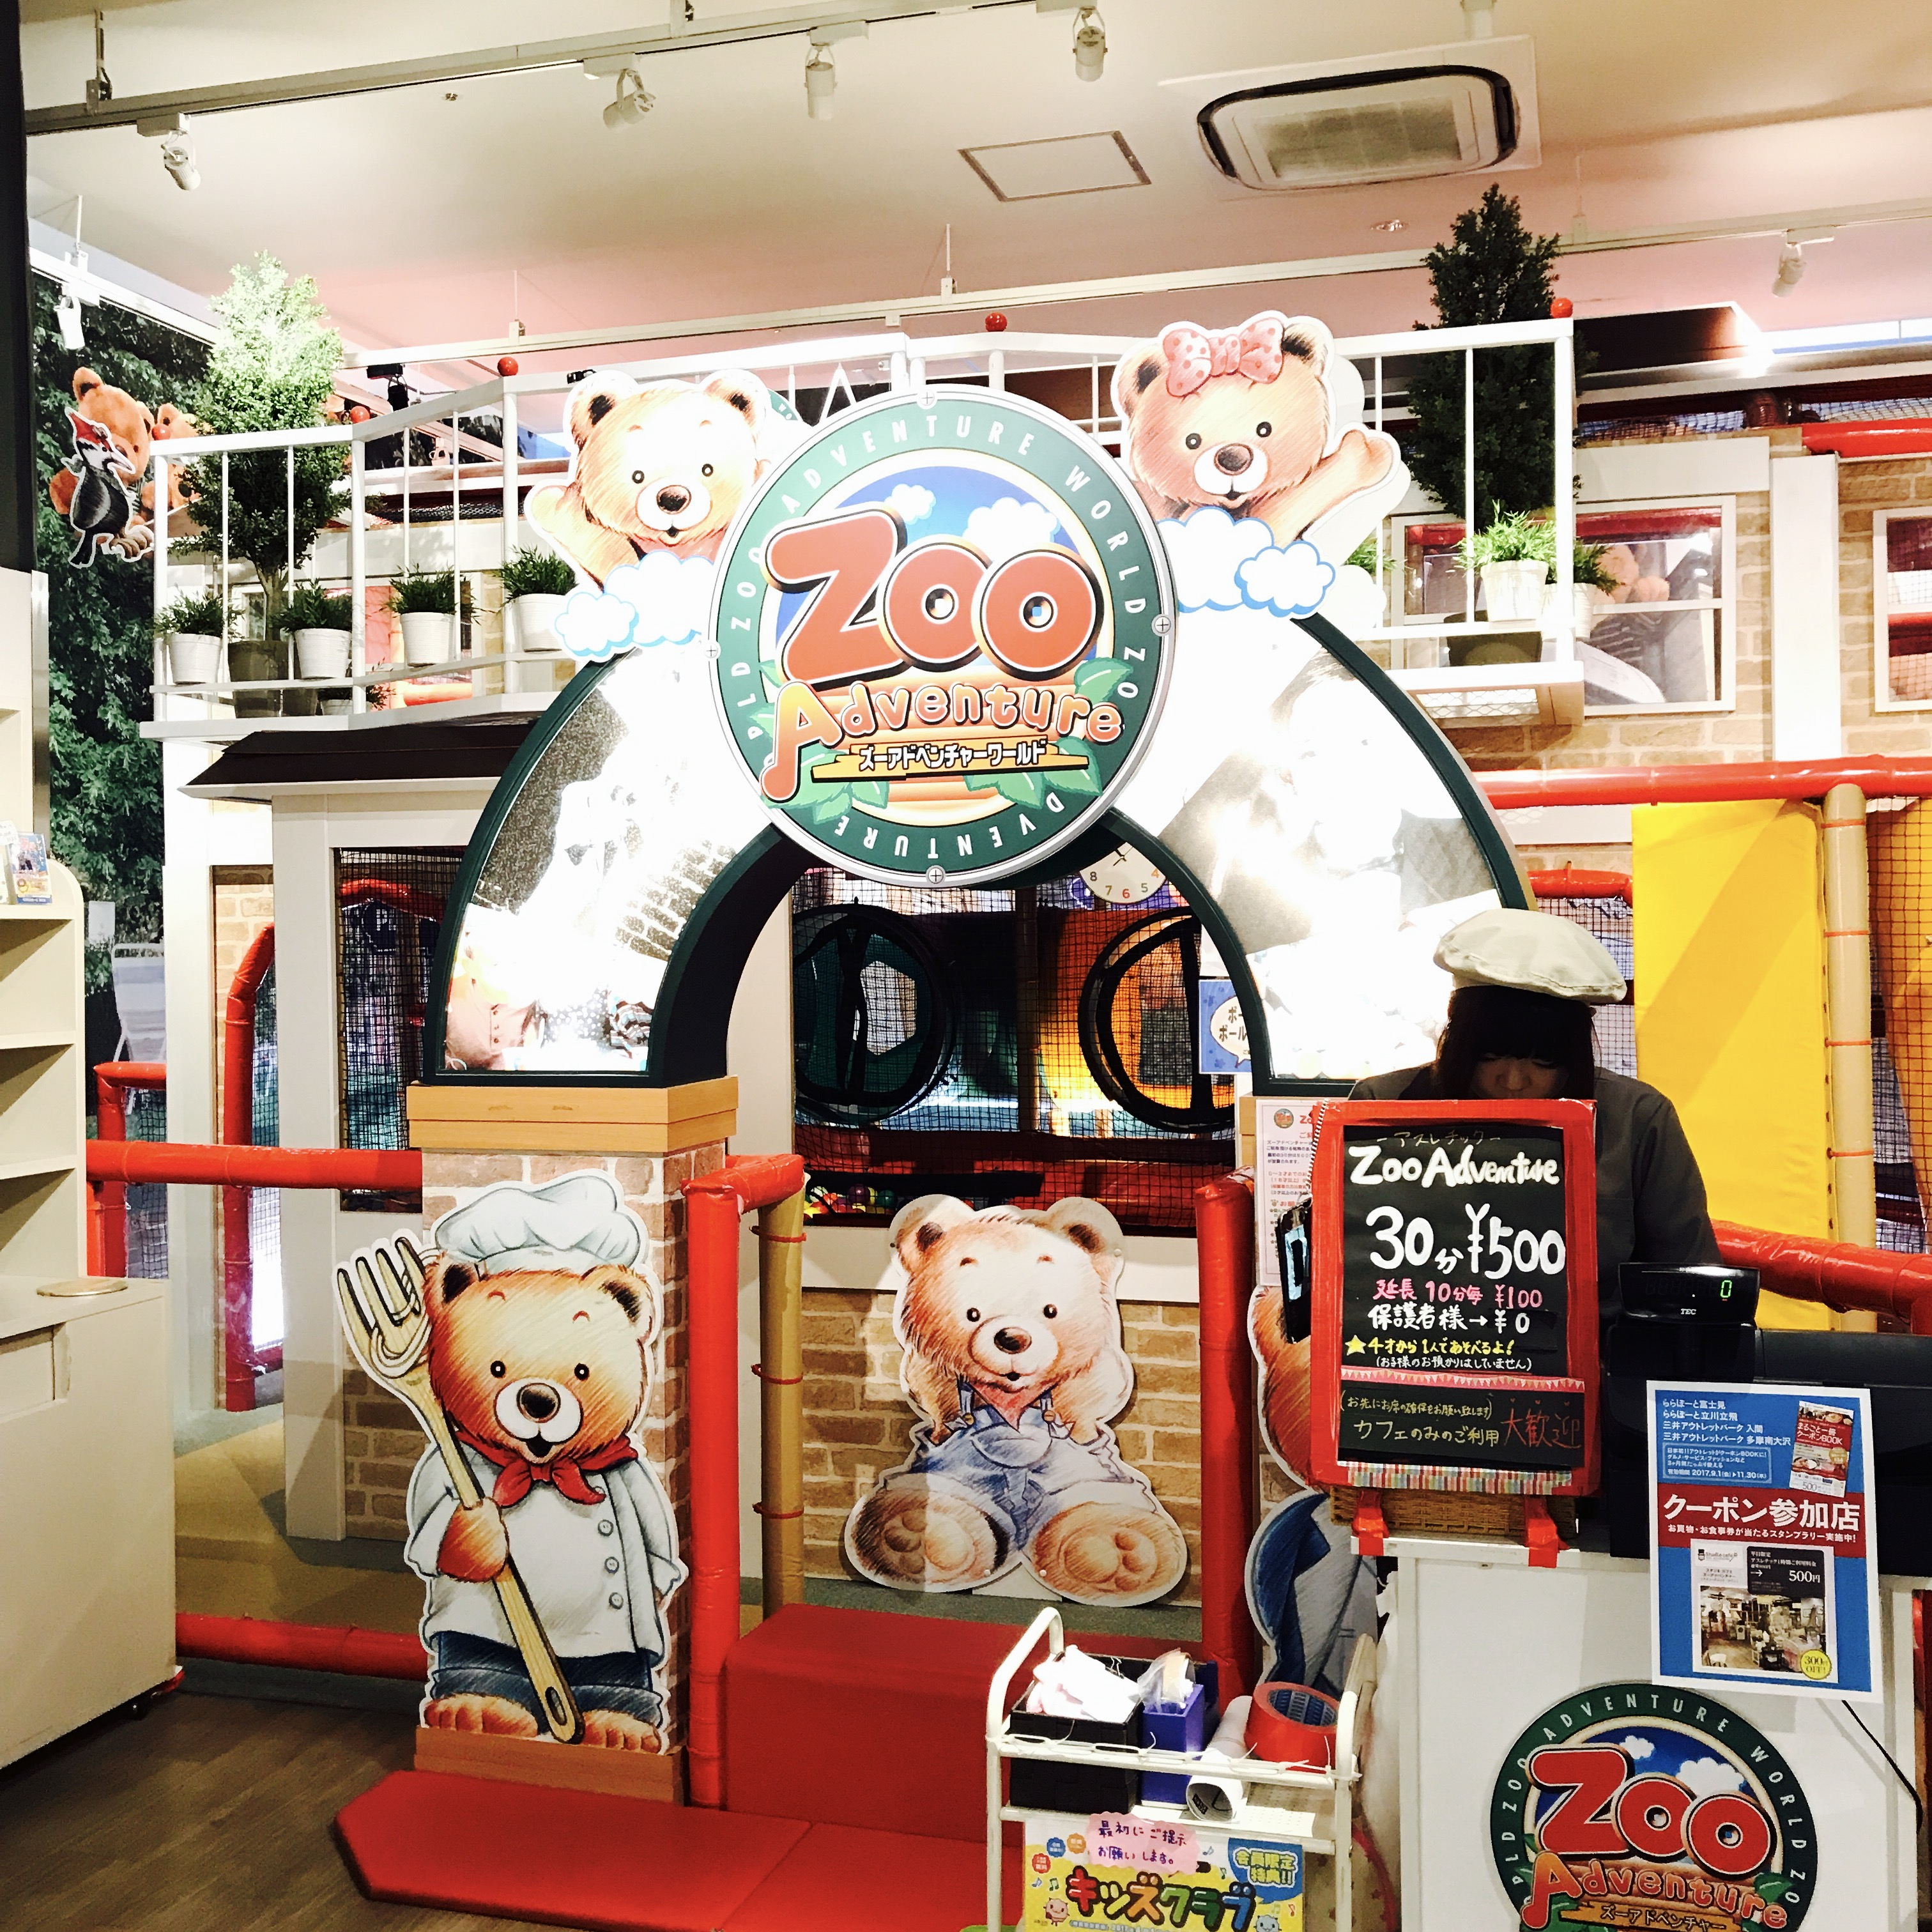 ららぽーと富士見 スタジオカフェズーアドベンチャー 子供 口コミ 1歳 離乳食